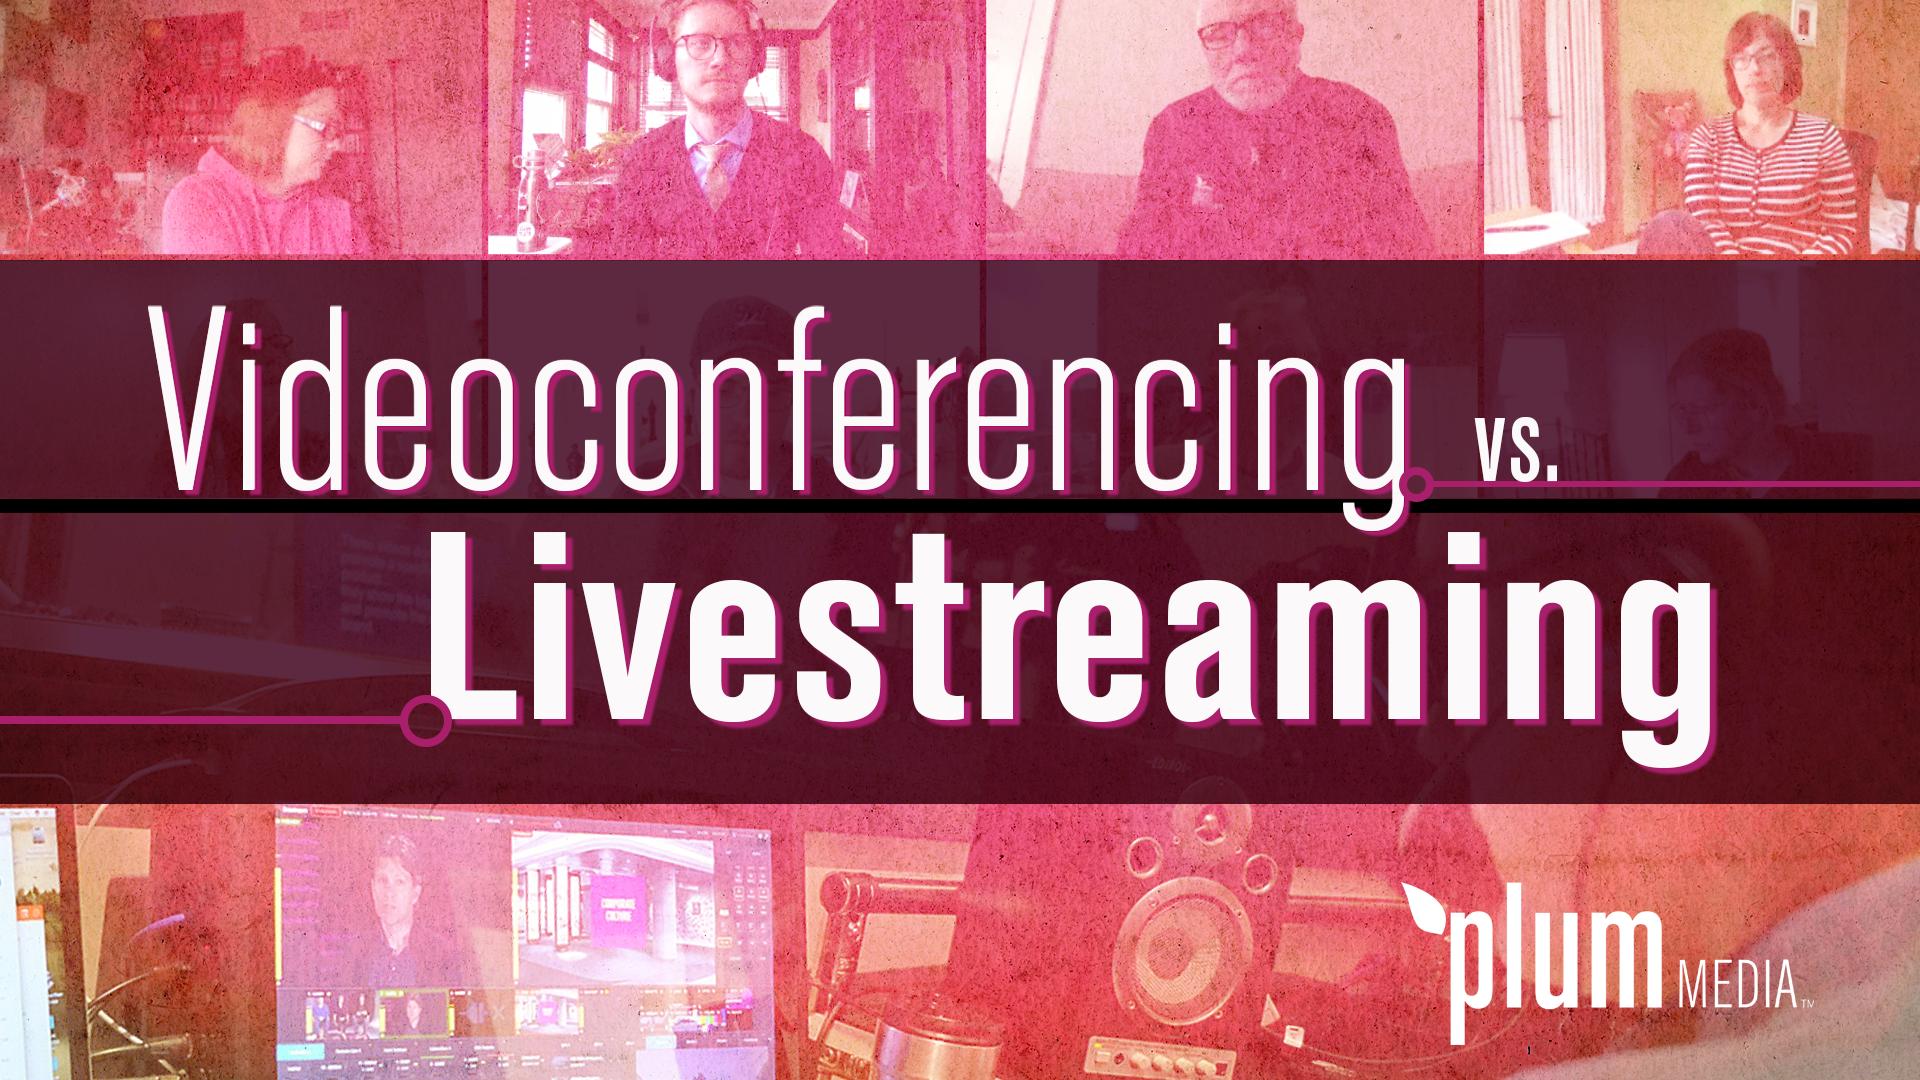 livestreaming vs videoconferencing